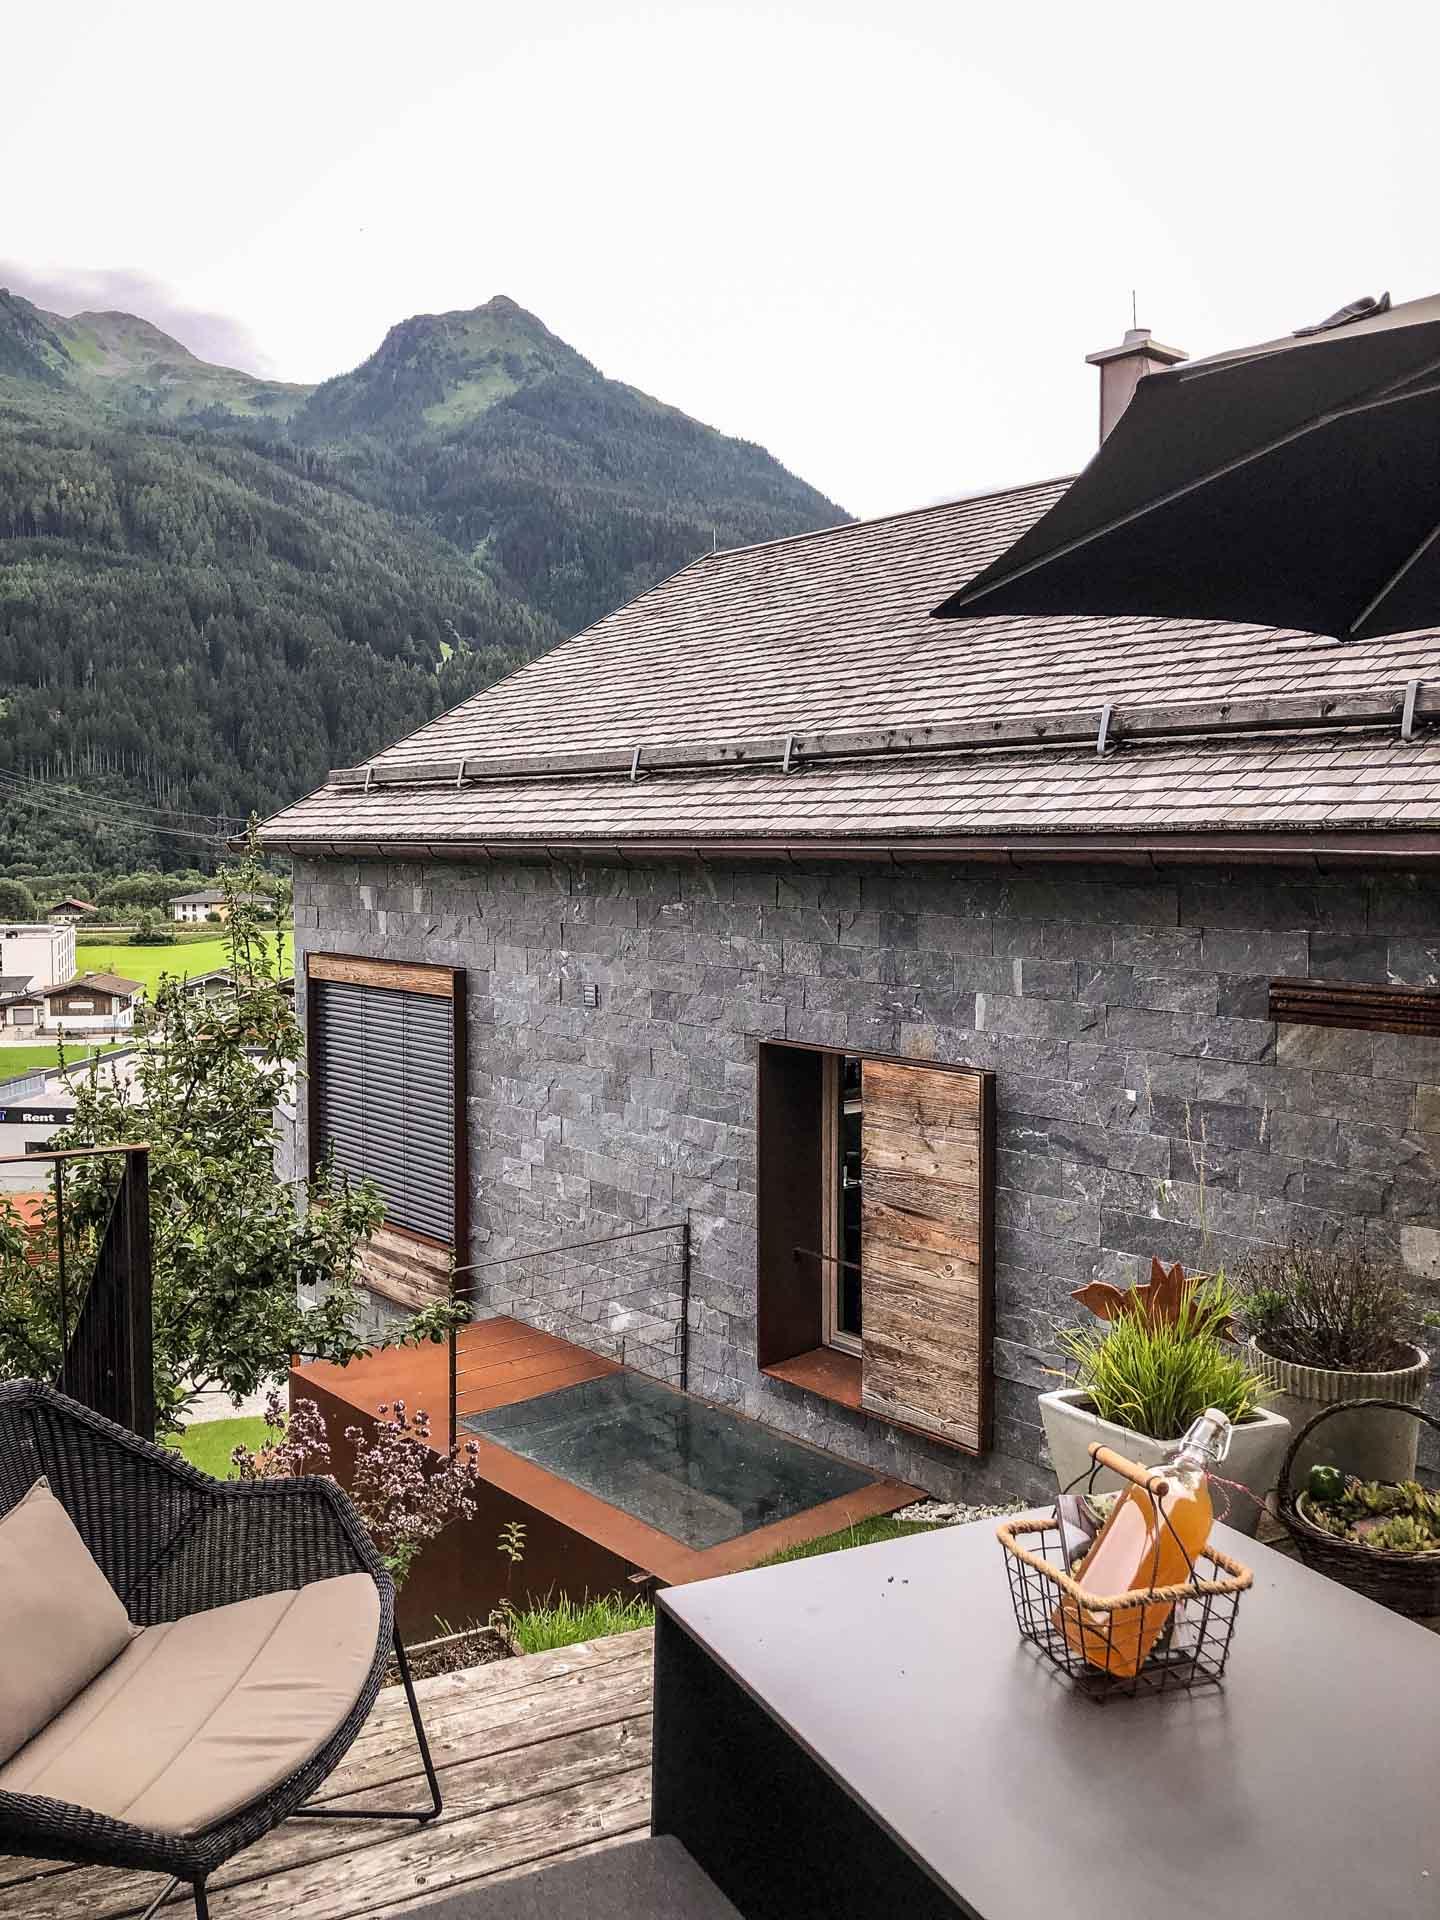 Ferienhaus-Bramberg-Wildkogel-auf-da-leitn-8-Terrasse